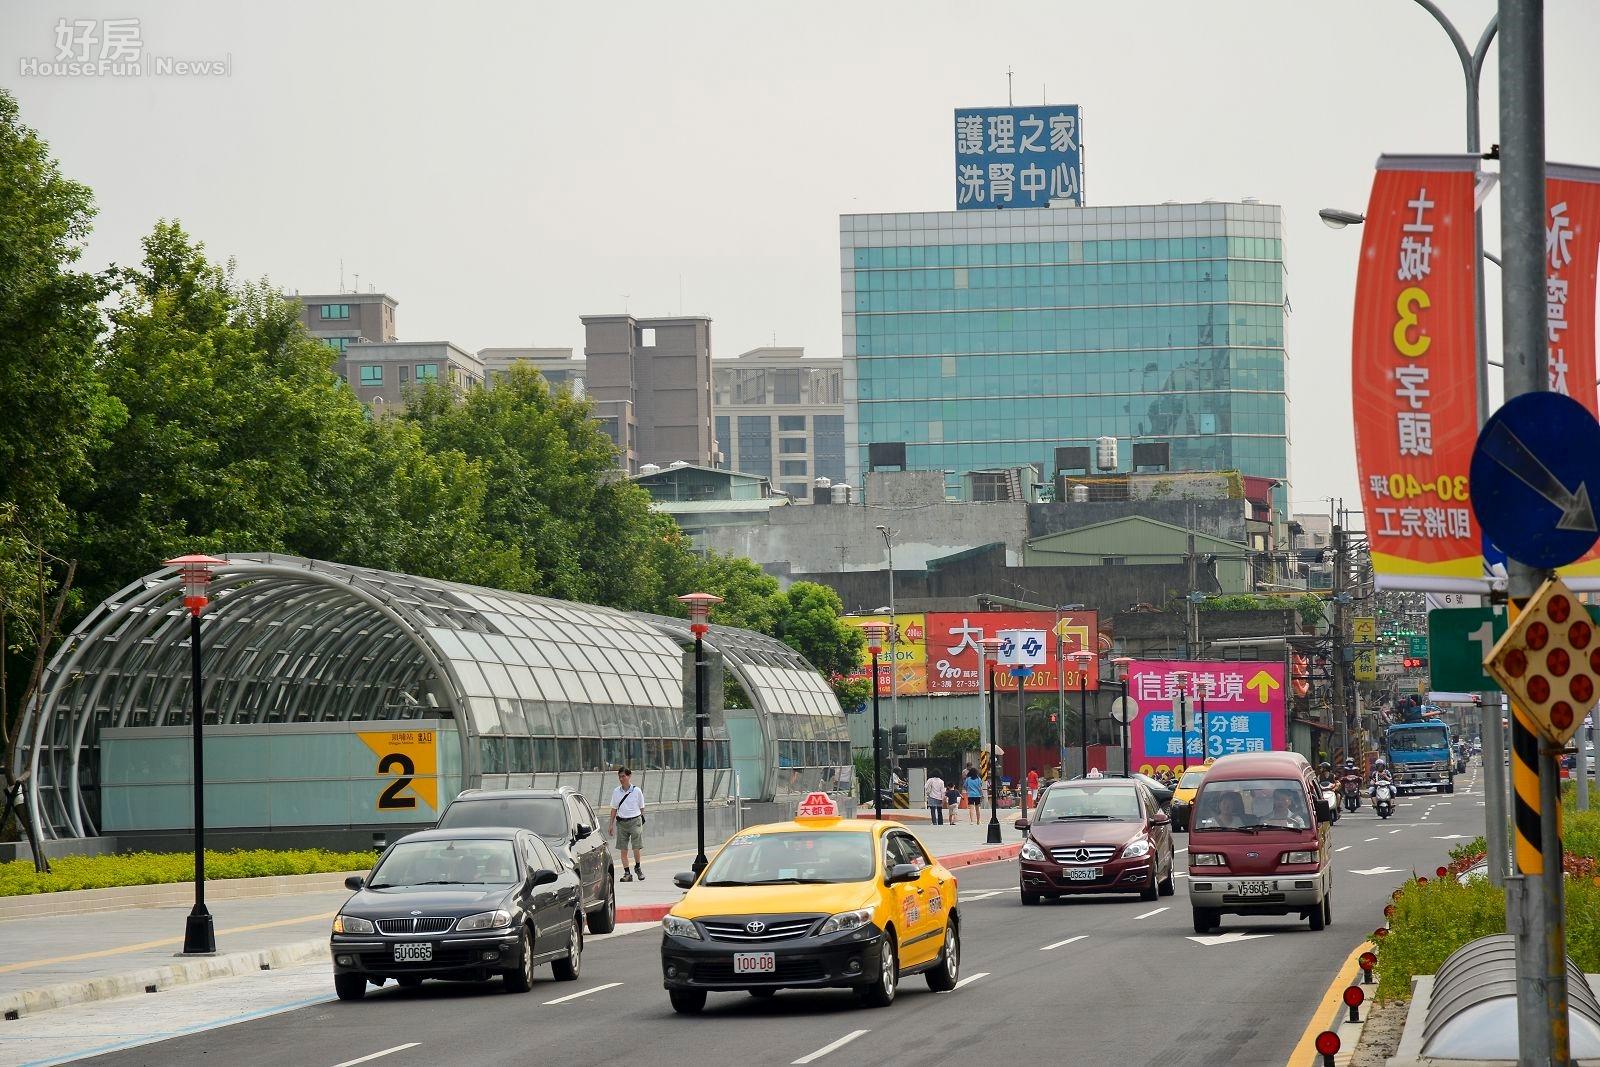 捷運頂埔站已通車,許多新建案因應而生。(好房網News記者 陳韋帆/攝影)